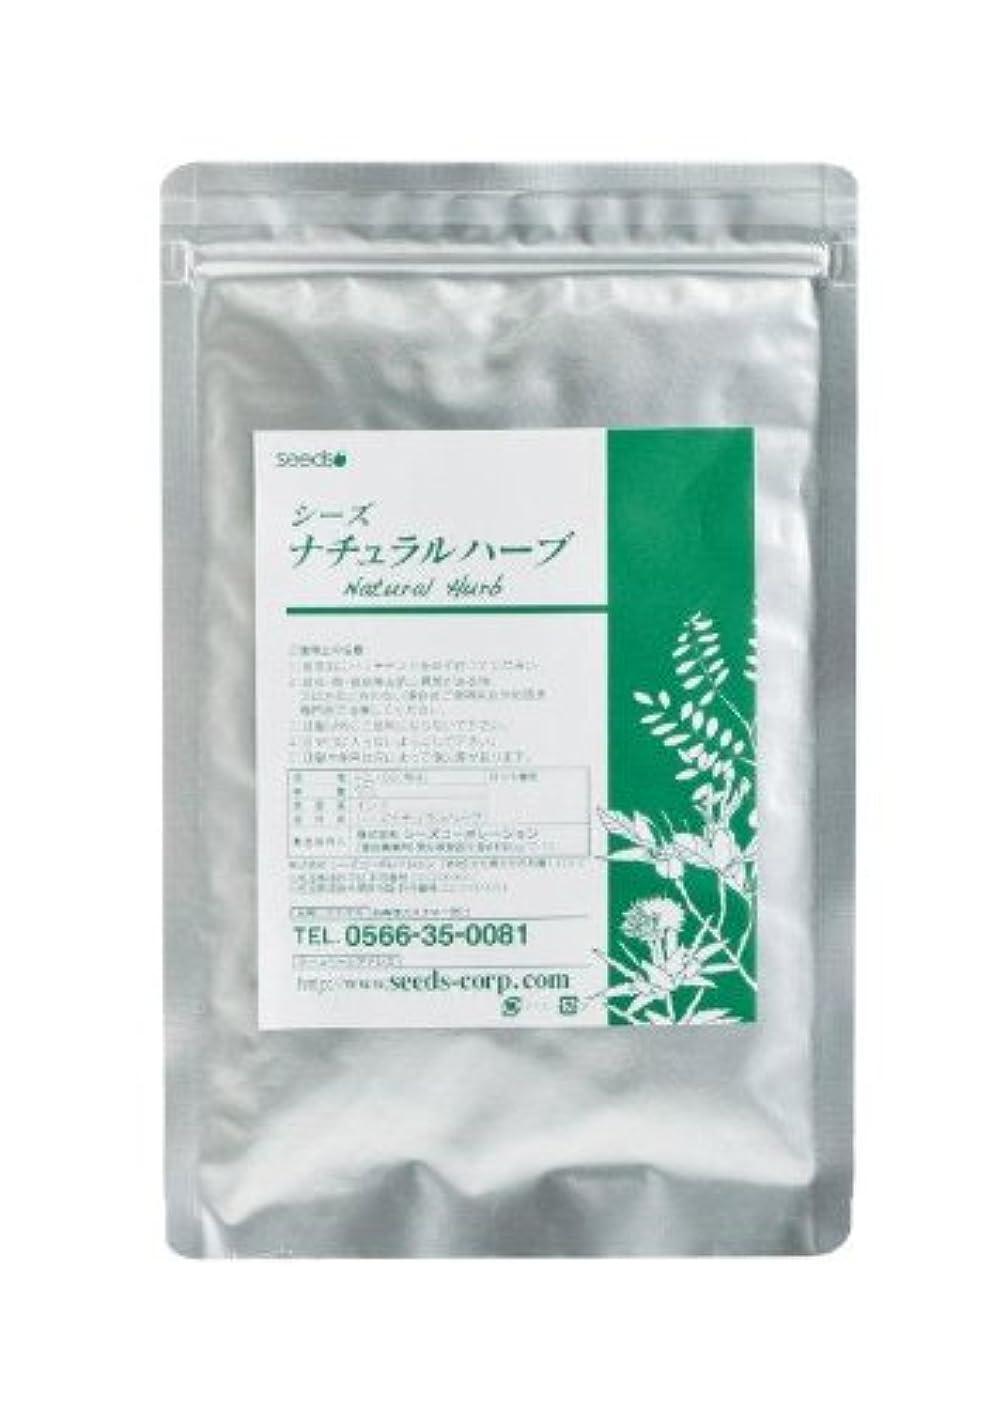 過激派溶接密度Seeds ナチュラルハーブカラー?ソフトブラック 50g (自然な黒色系)ヘナと5種類の高級ハーブをブレンドした白髪染めです。